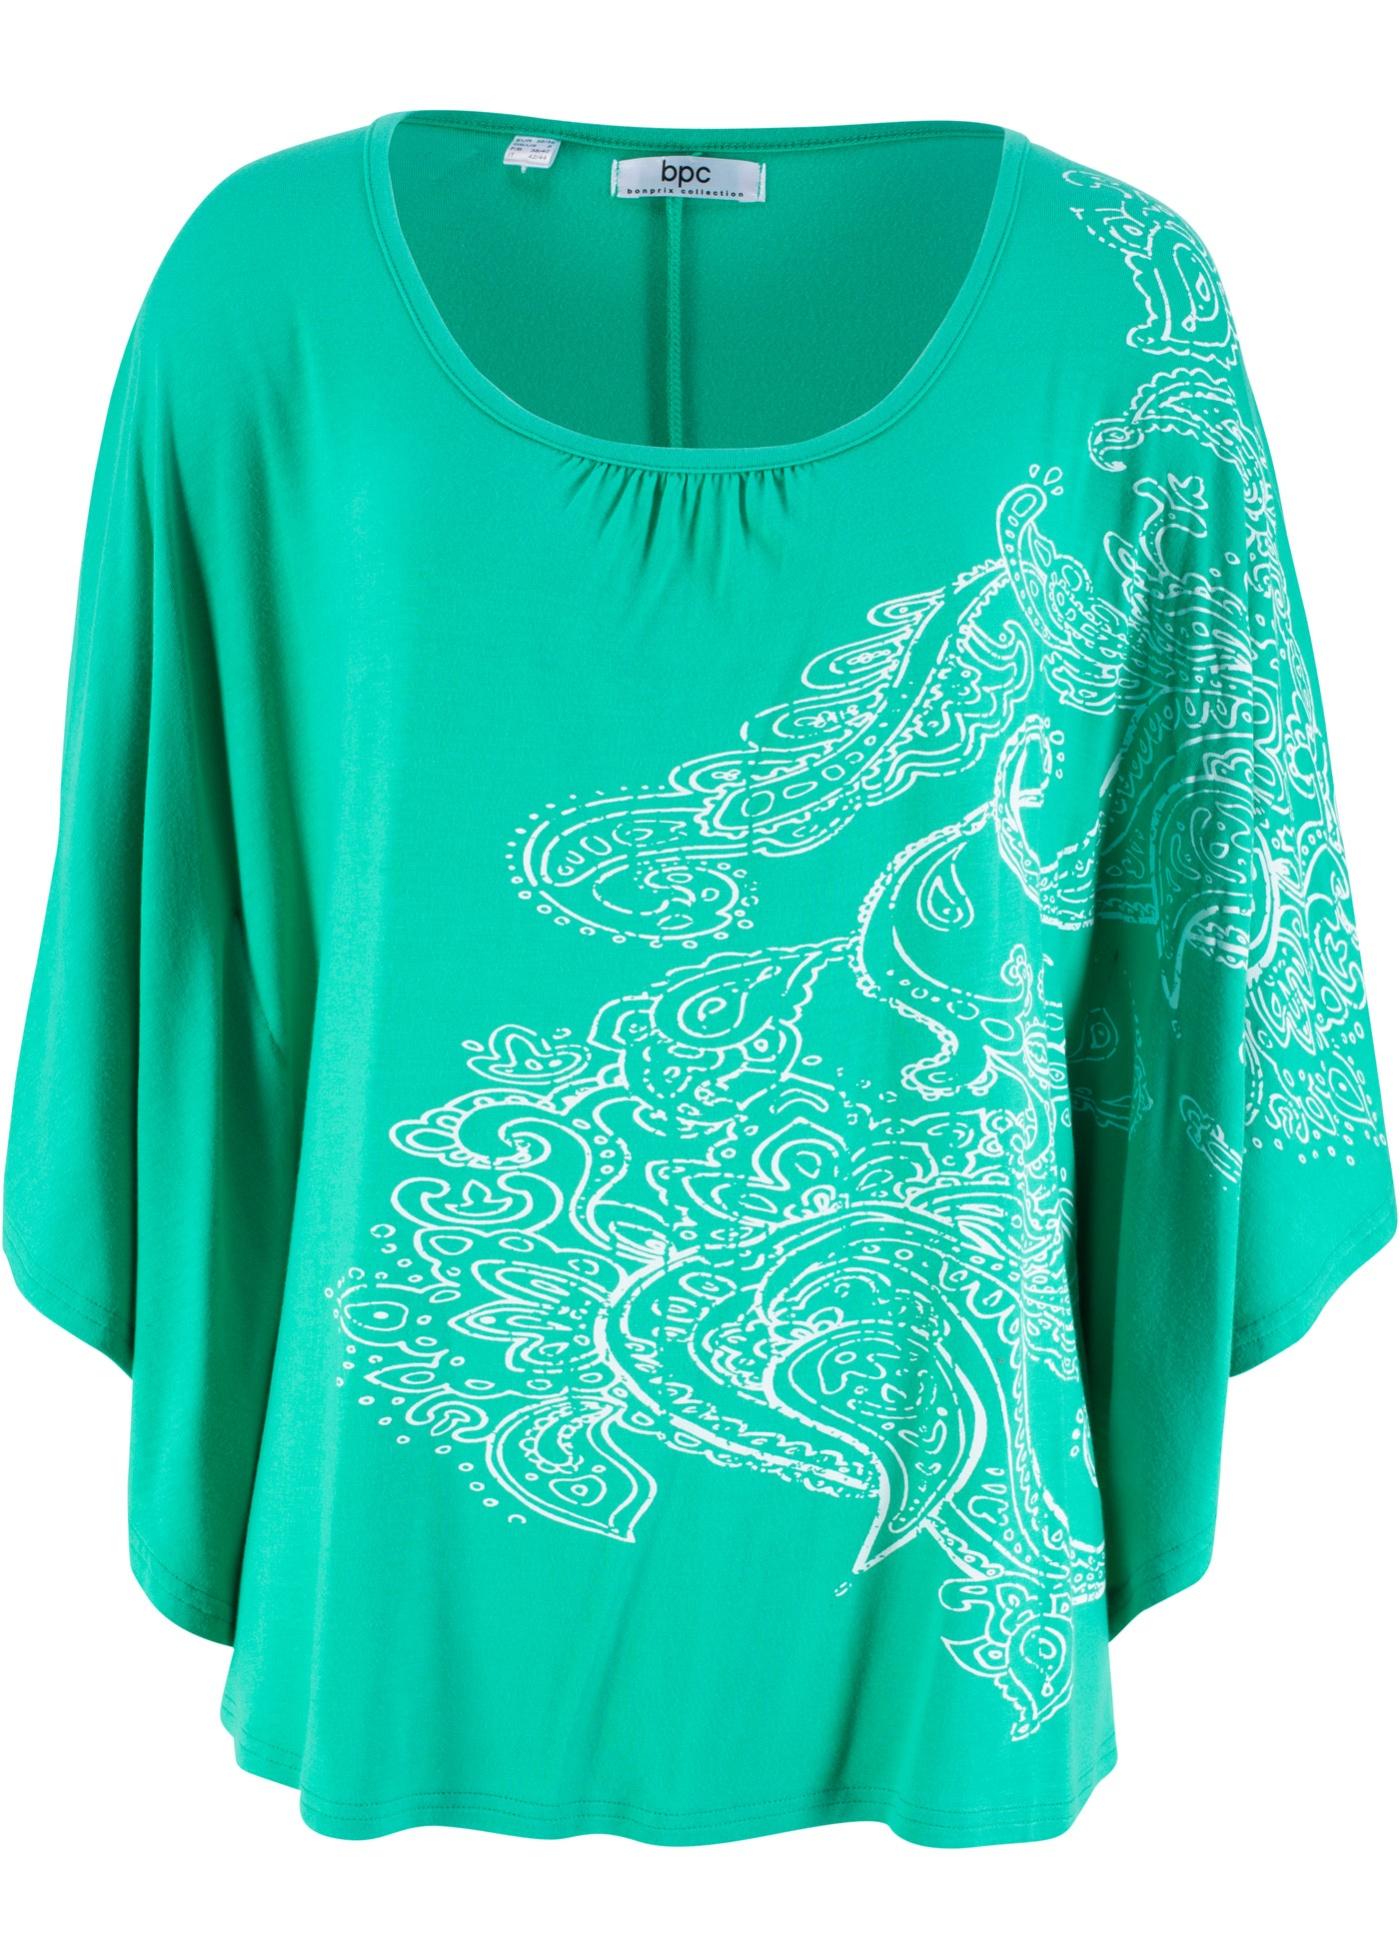 Bpc Vert souris shirt Pour Chauve Bonprix CollectionT Manches Femme j54ARL3